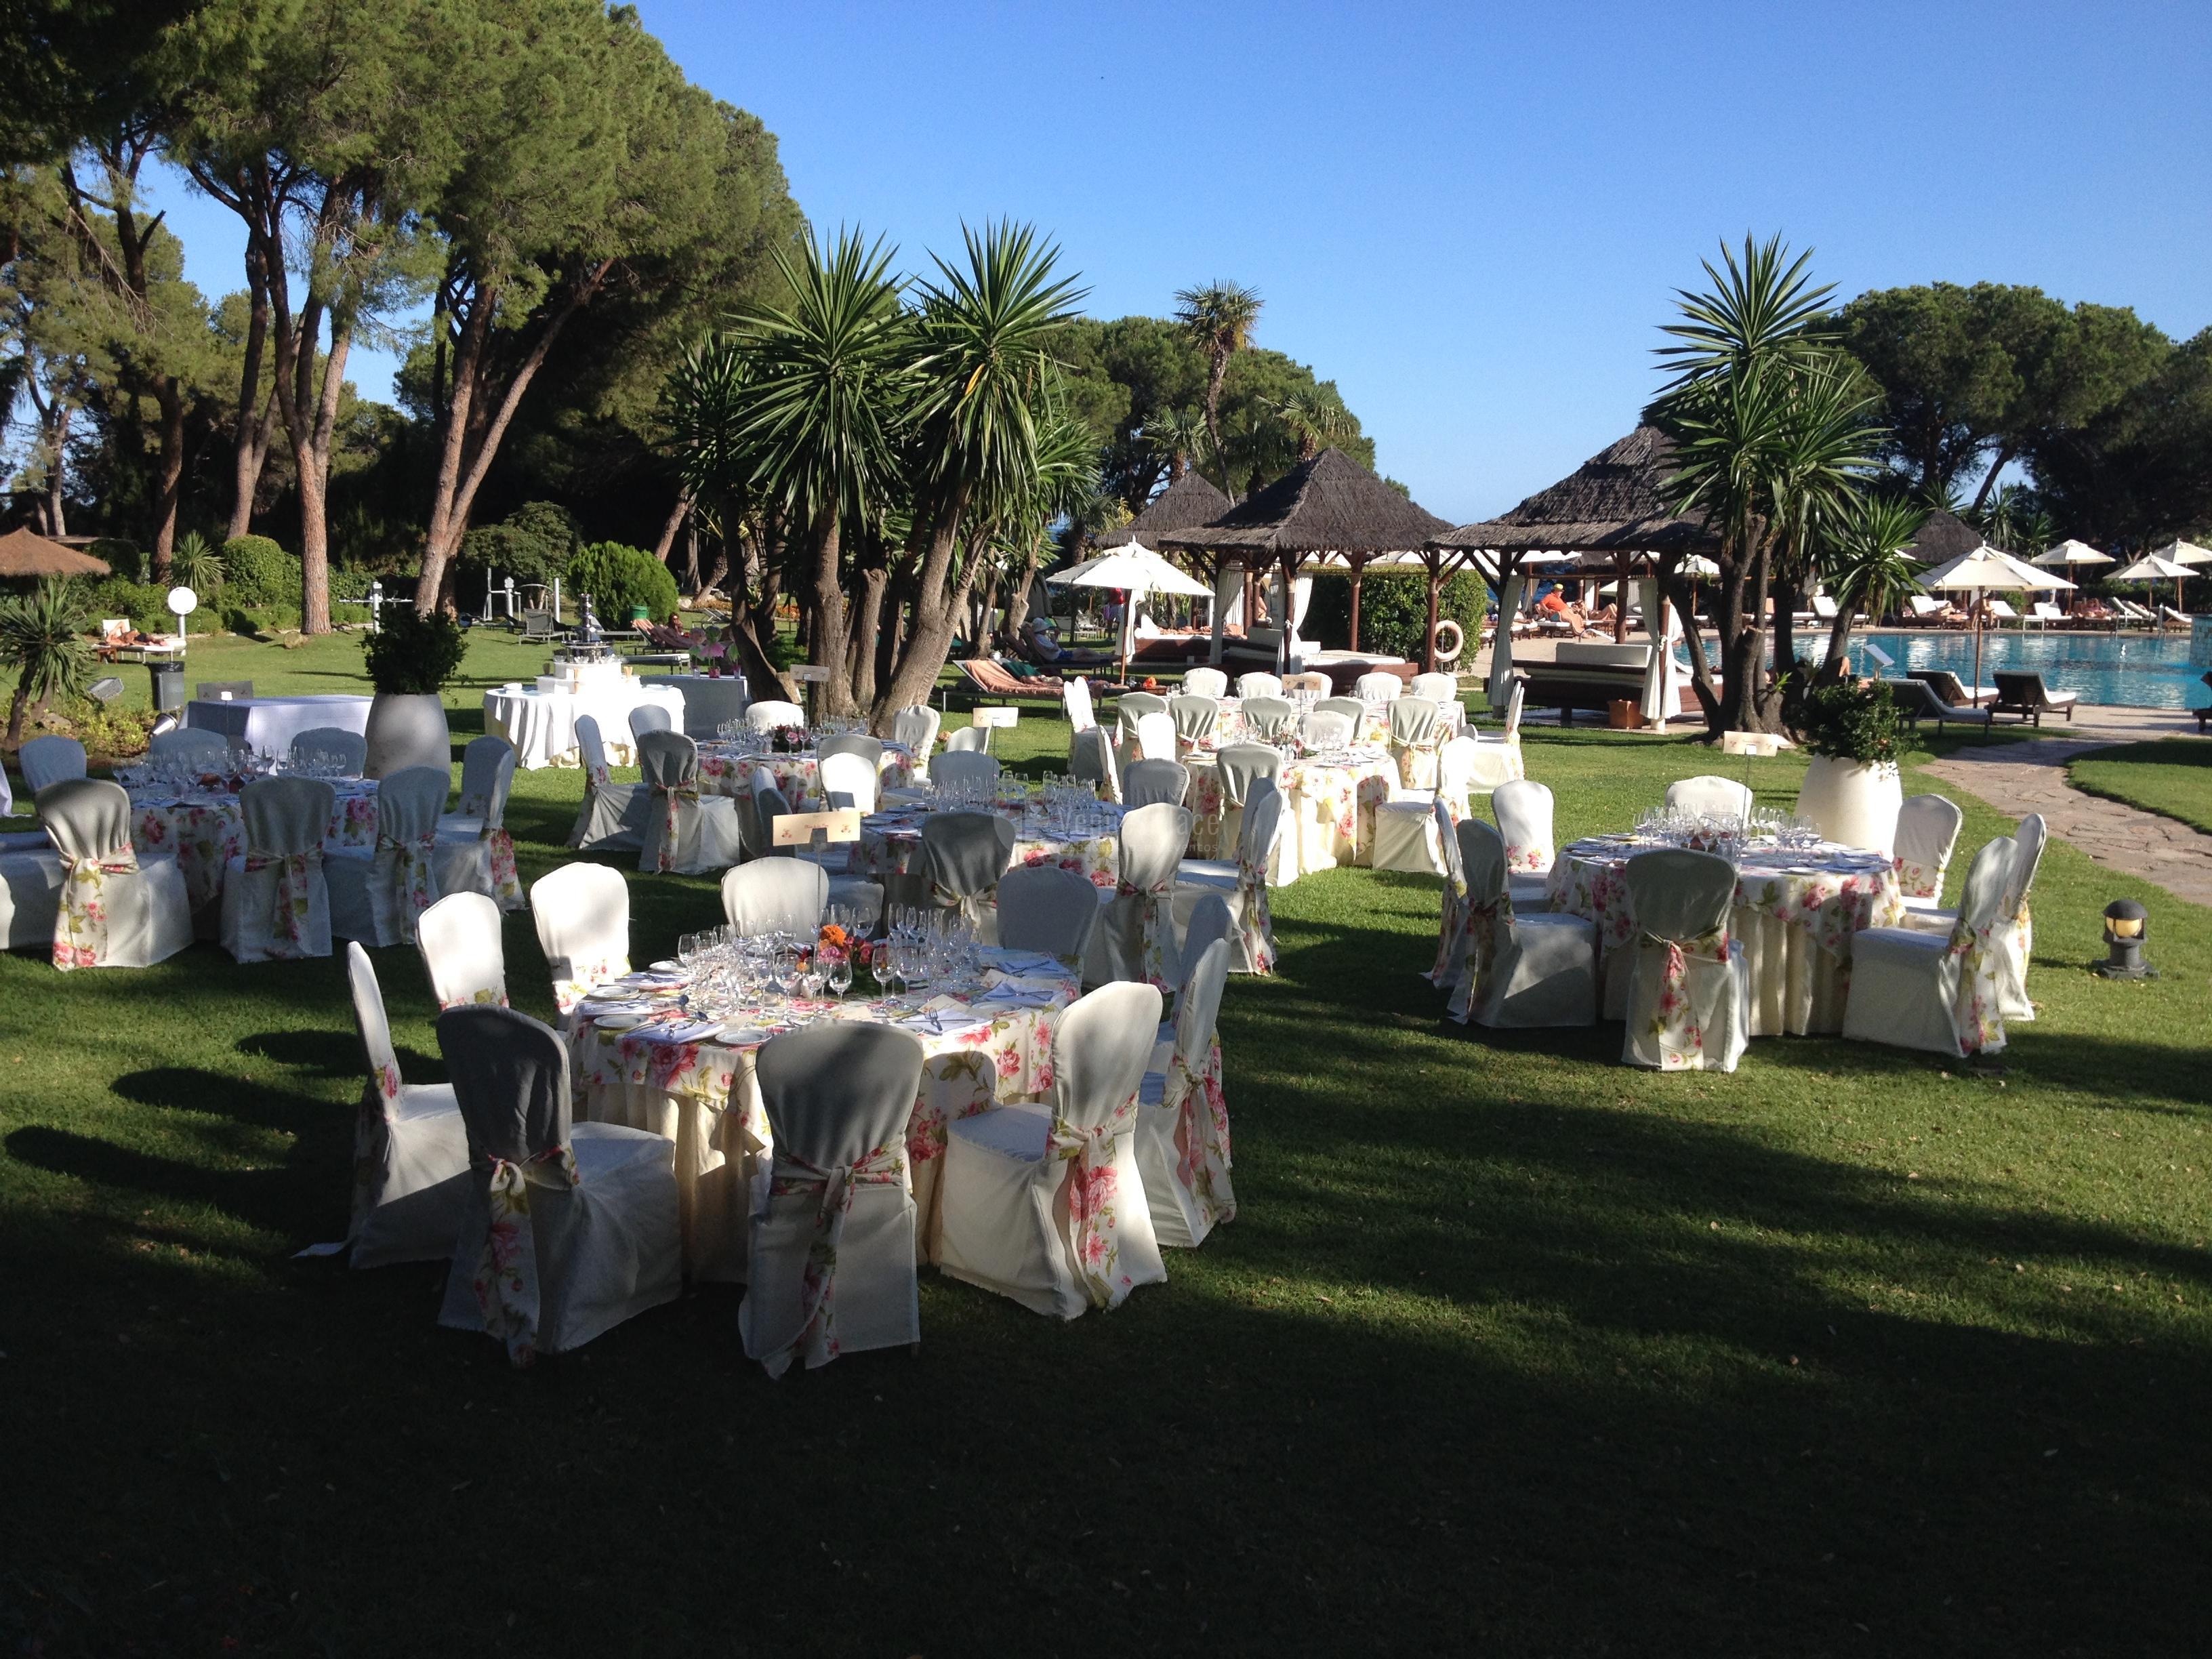 Bodas Originales En Marbella Venuesplace ~ Sitios Bonitos Para Casarse En Madrid